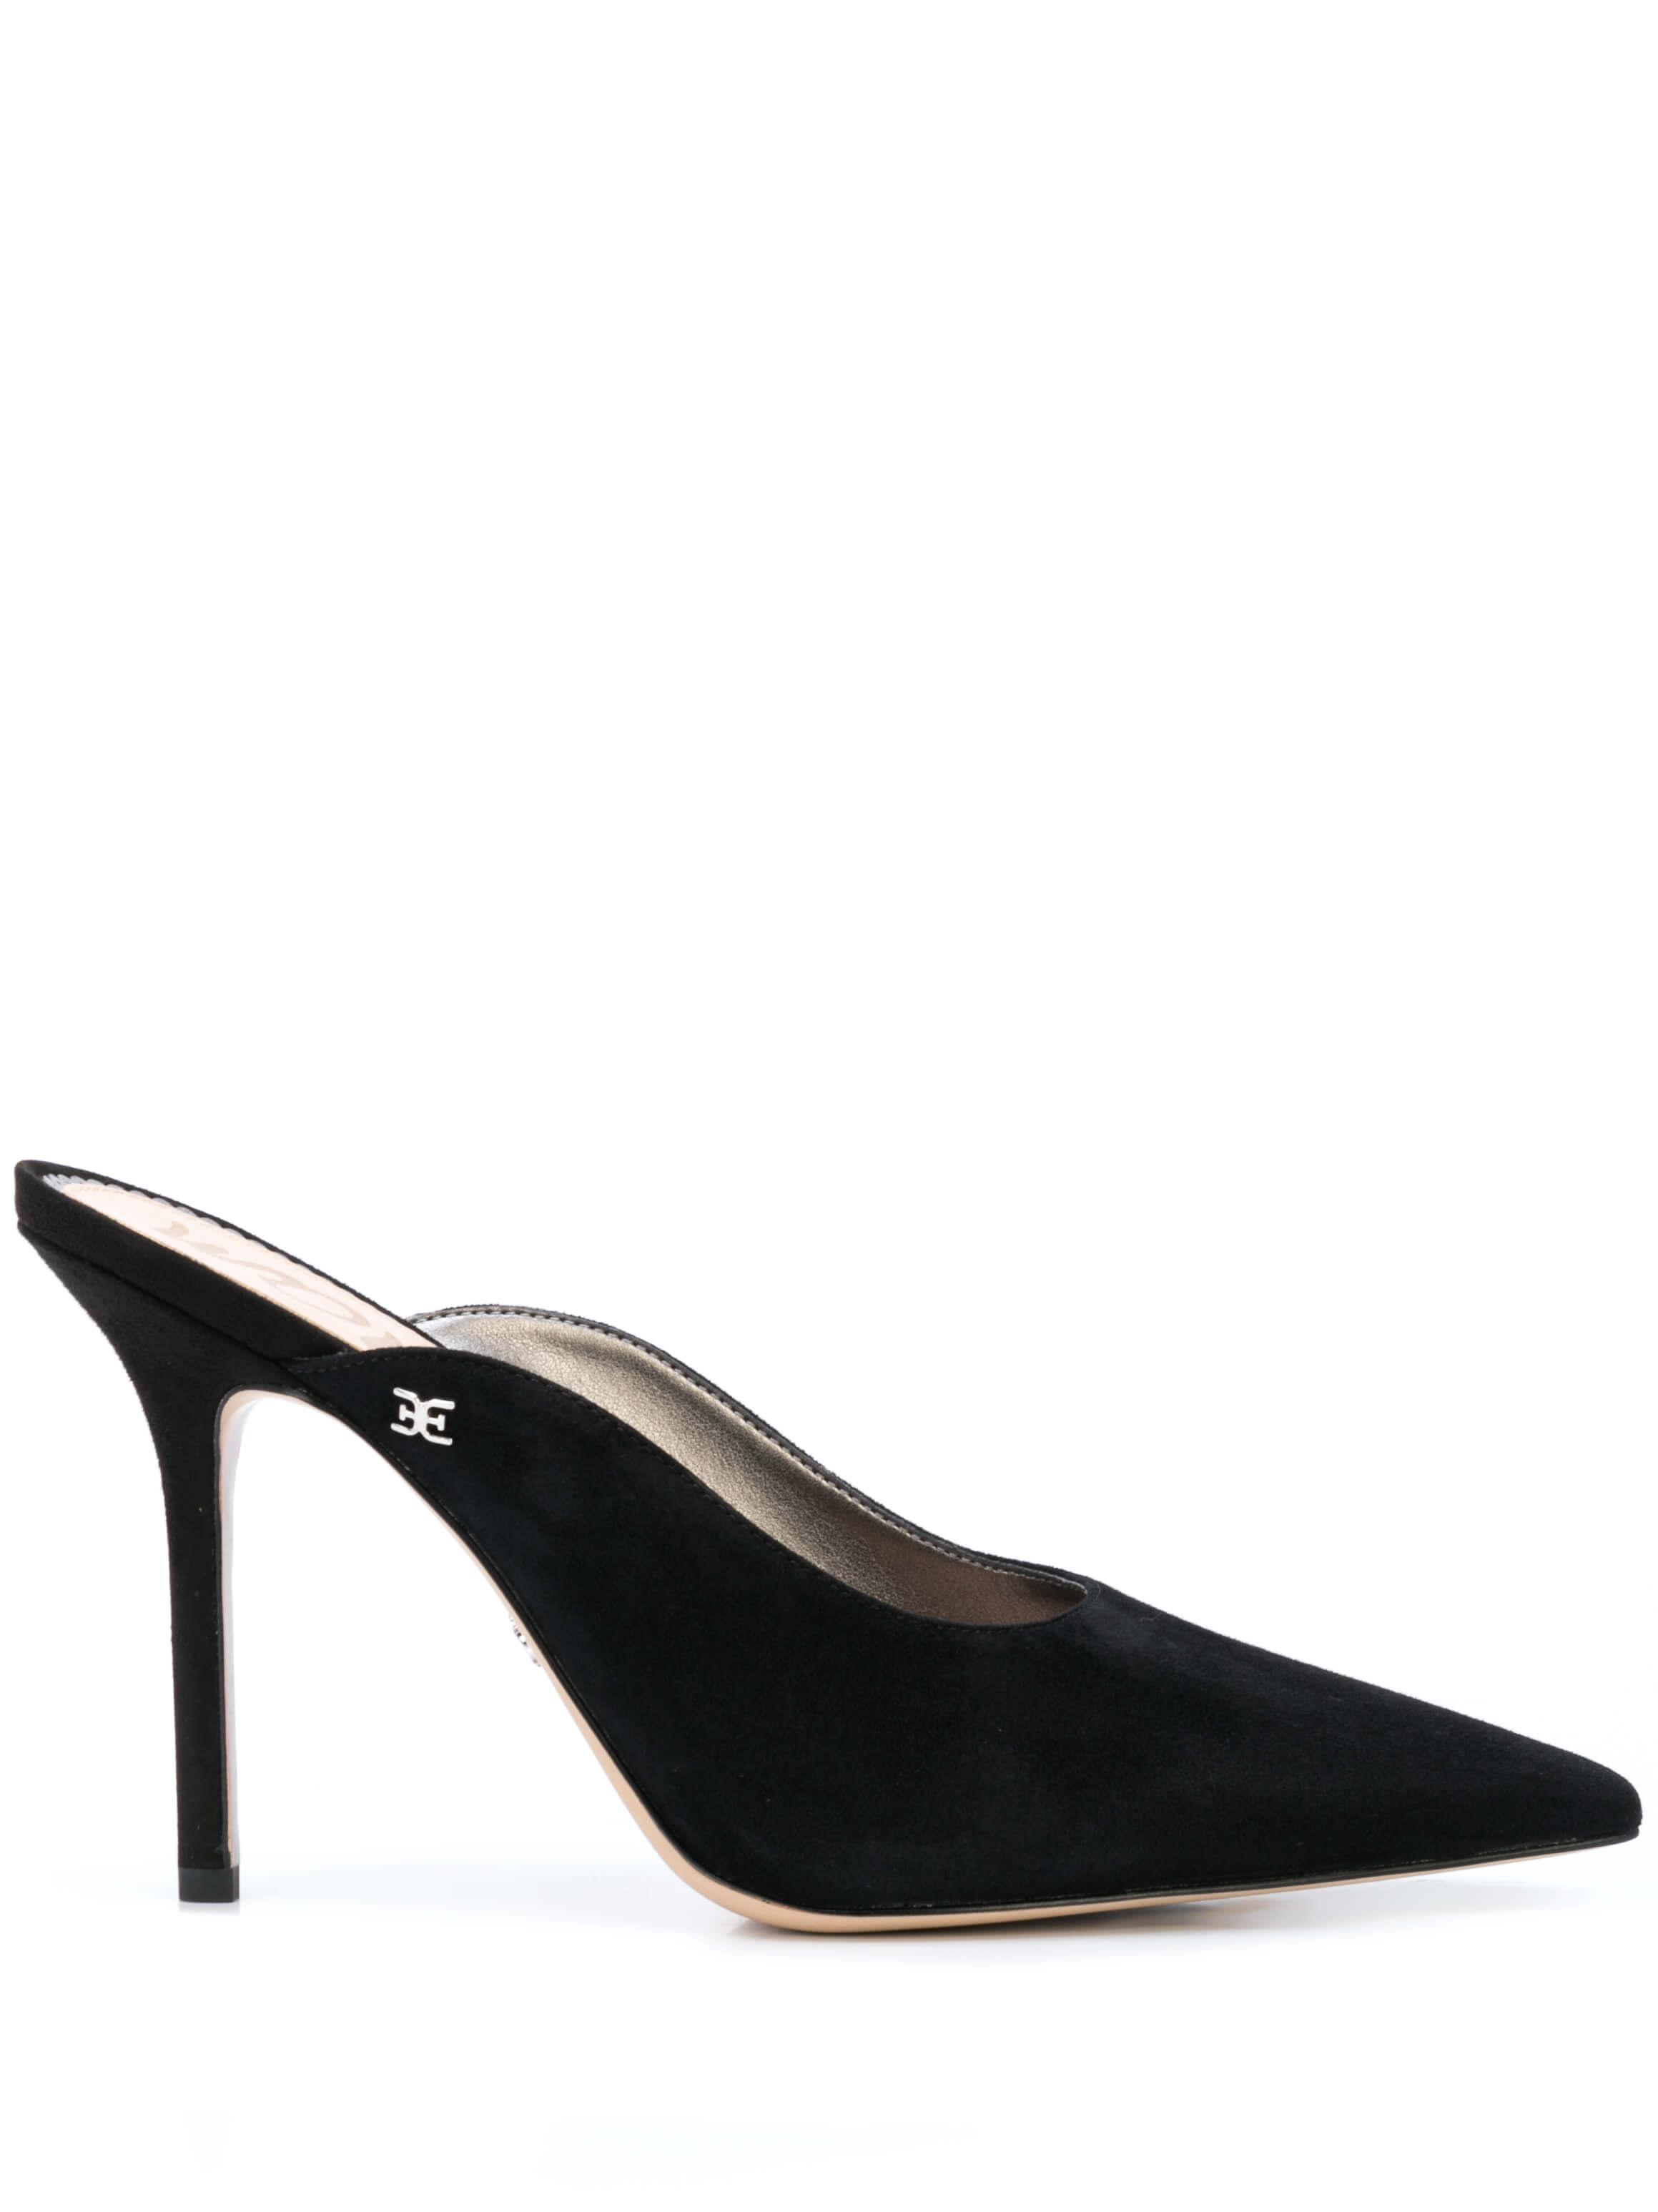 Suede Pointed Toe High Heel Mule Item # ADDILYN-SUE